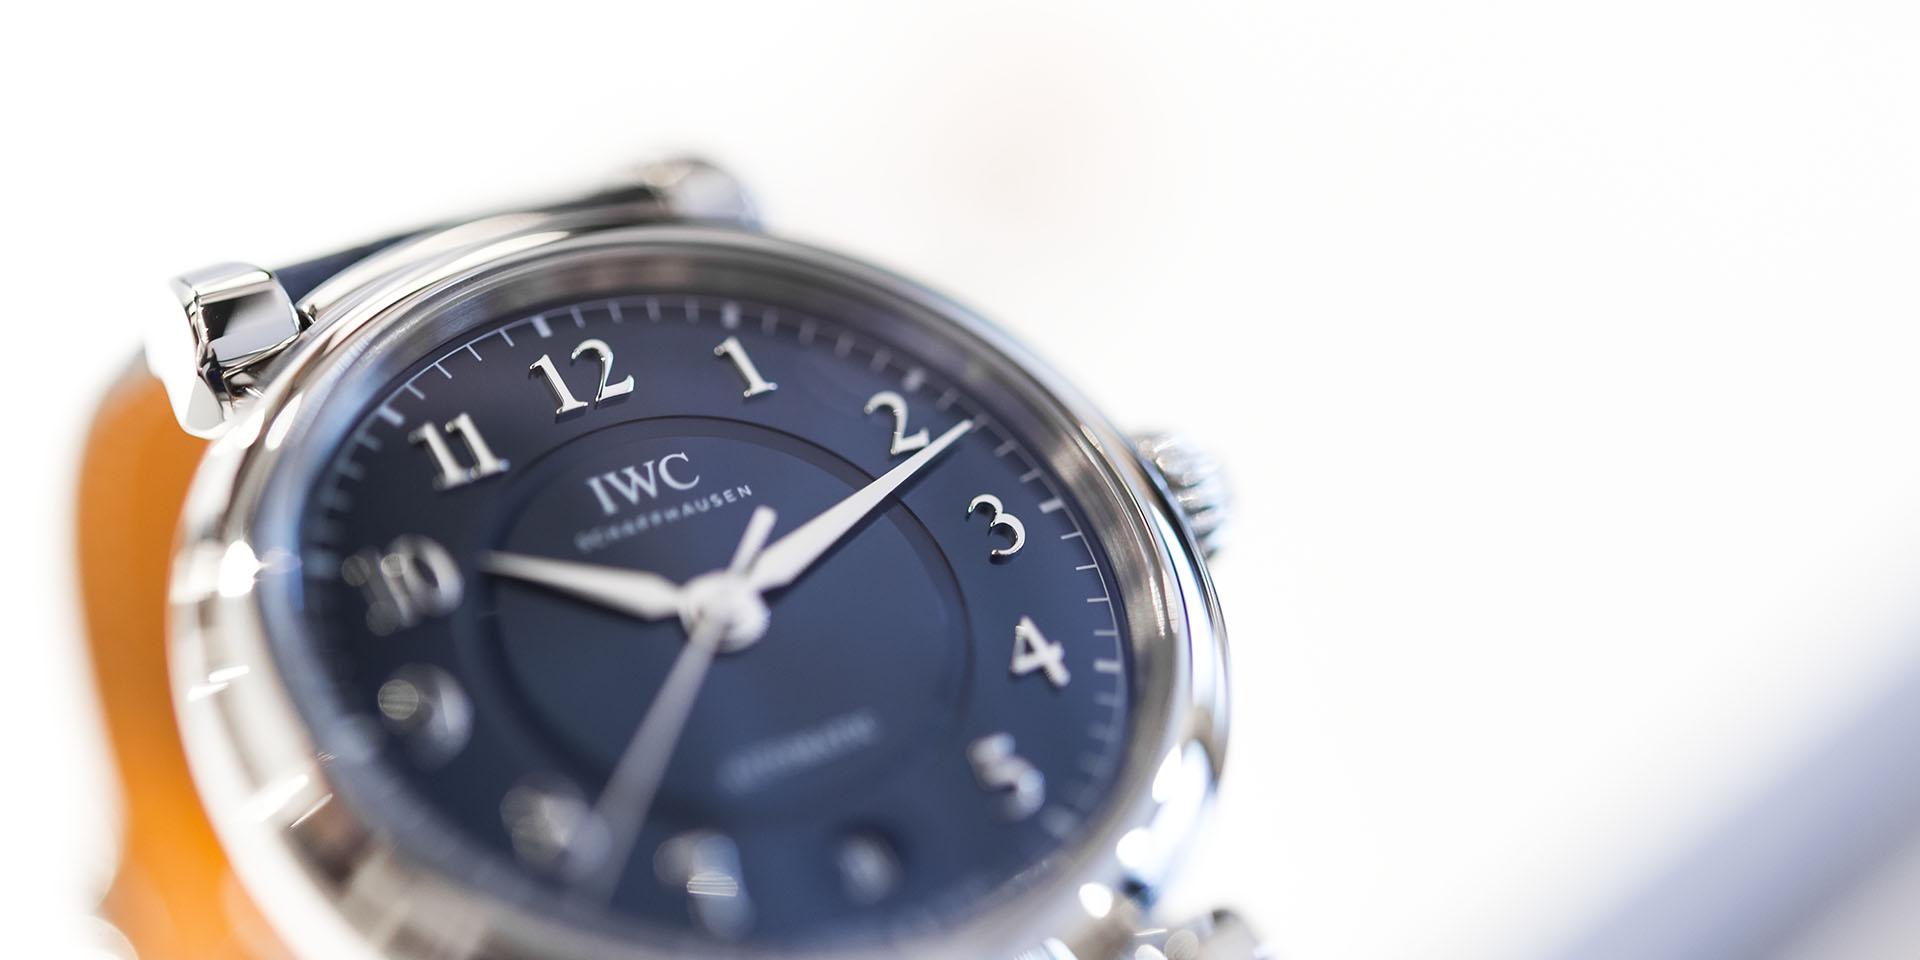 iwc-da-vinci-36-iw458312.jpg